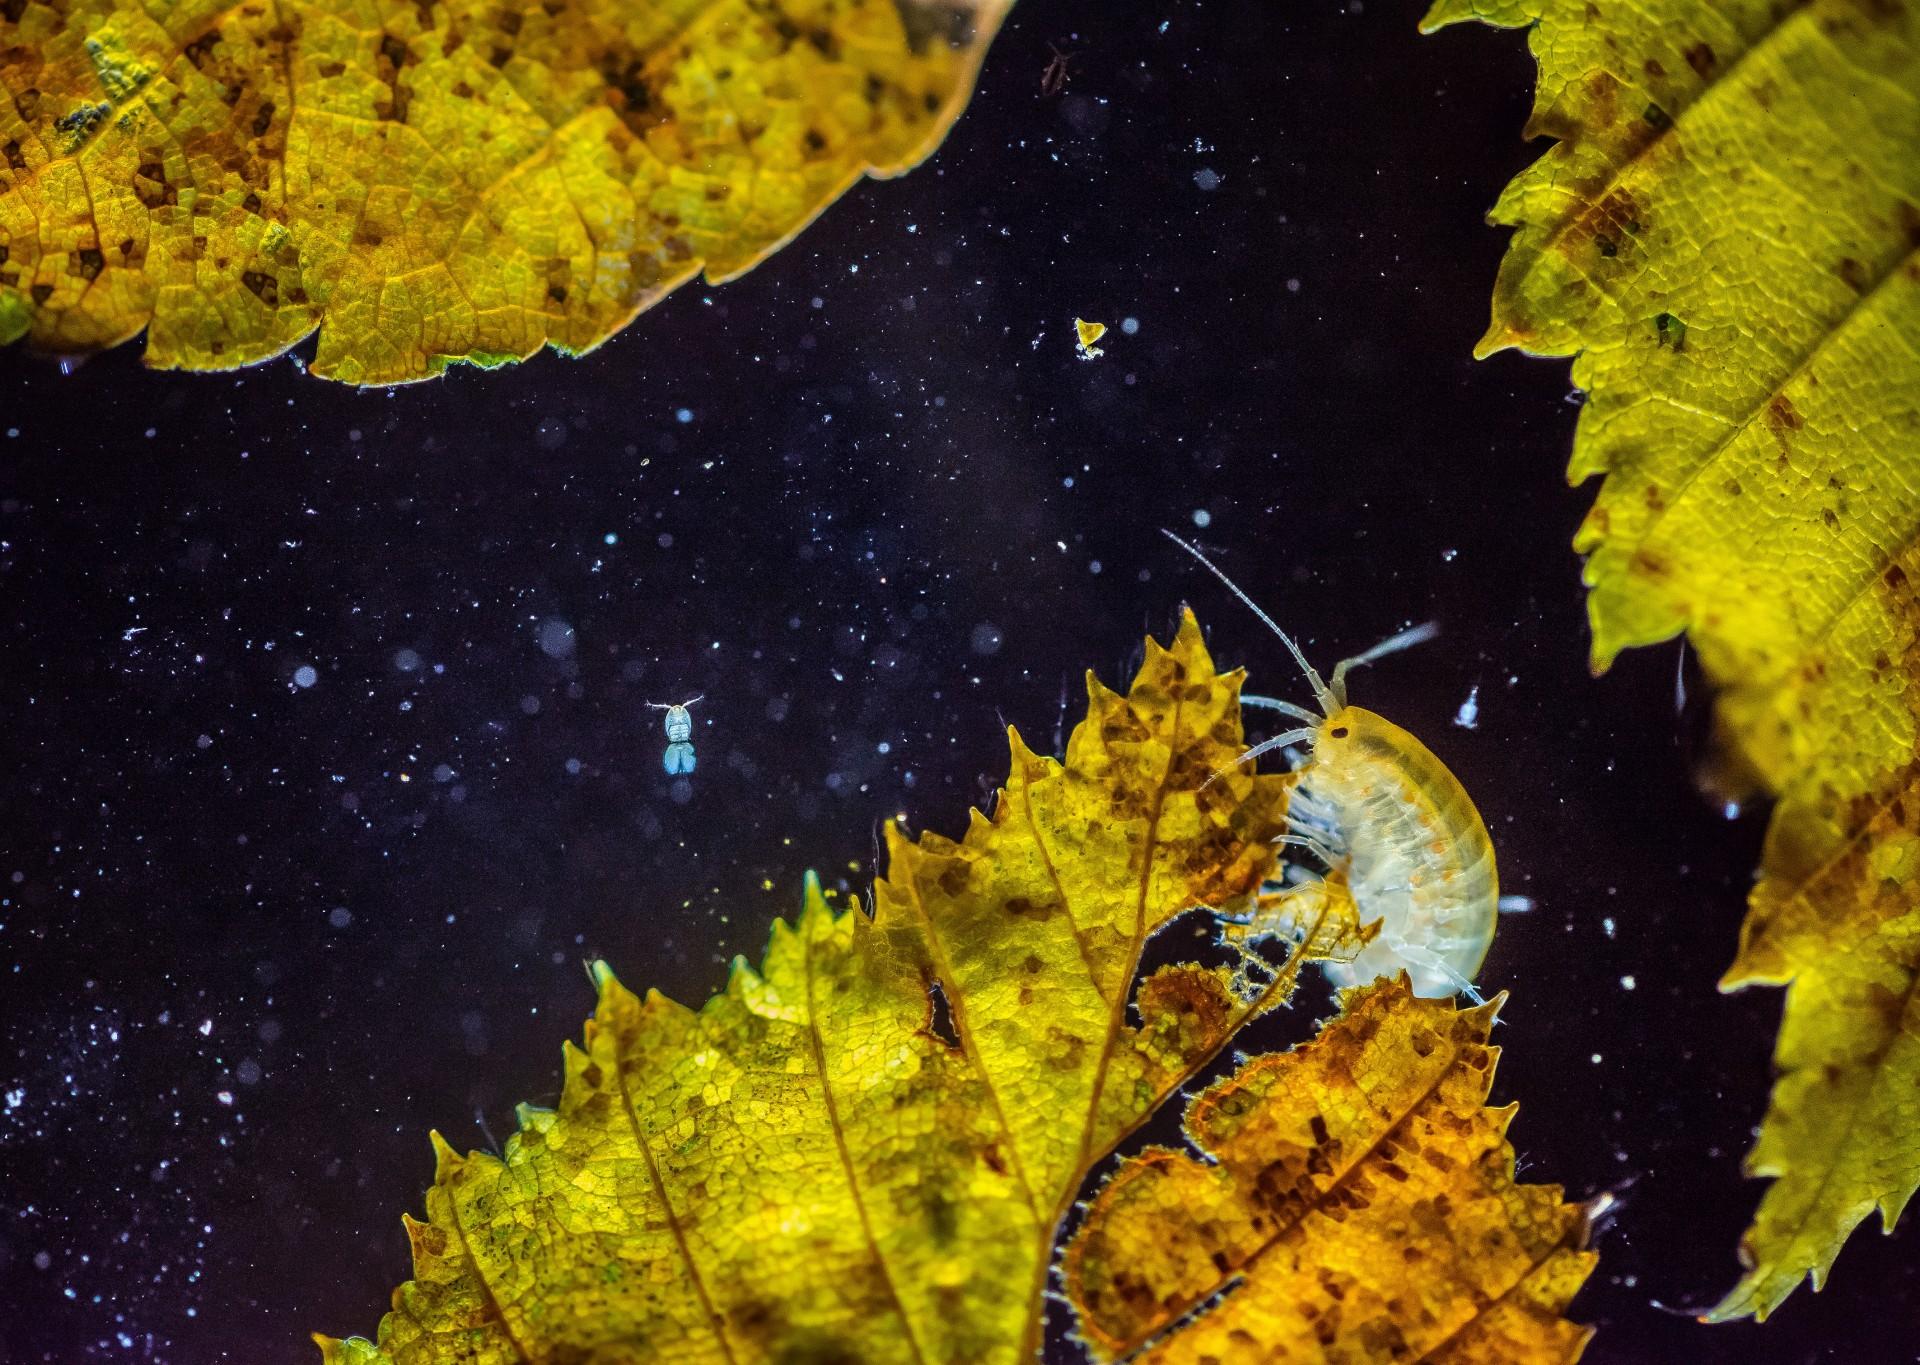 """Fotó: Potyó Imre: A bolharák univerzuma<br />Kategória: Állatok és környezetük<br />Helyezés: 3. díj<br /><br />A másfél centiméteres bolharákok, a 1 mm-nél is kisebb, űrhajóra emlékeztető evezőlábú rákok és a sodródó, apró szerves törmelékek együttese lebeg egy börzsönyi patak felszínén úszó levelek közt. Éjjel, minden természetes fényt kizárva merültem bele az alkotásba. A víz alá helyezett zseblámpával létrehoztam az ellenfényt, amely meghökkentő kaput nyitott egy másik univerzumra: 'csillagok"""" fényében, színpompás """"égitesteken"""" lakmározó bizarr lények, miniatűr űrhajóként száguldozó kandicsrákok (Cyclops sp.). A színes levelek csak egy napon keresztül mutatták ezt a formájukat, másnapra sajnos lesüllyedtek az aljzatra."""